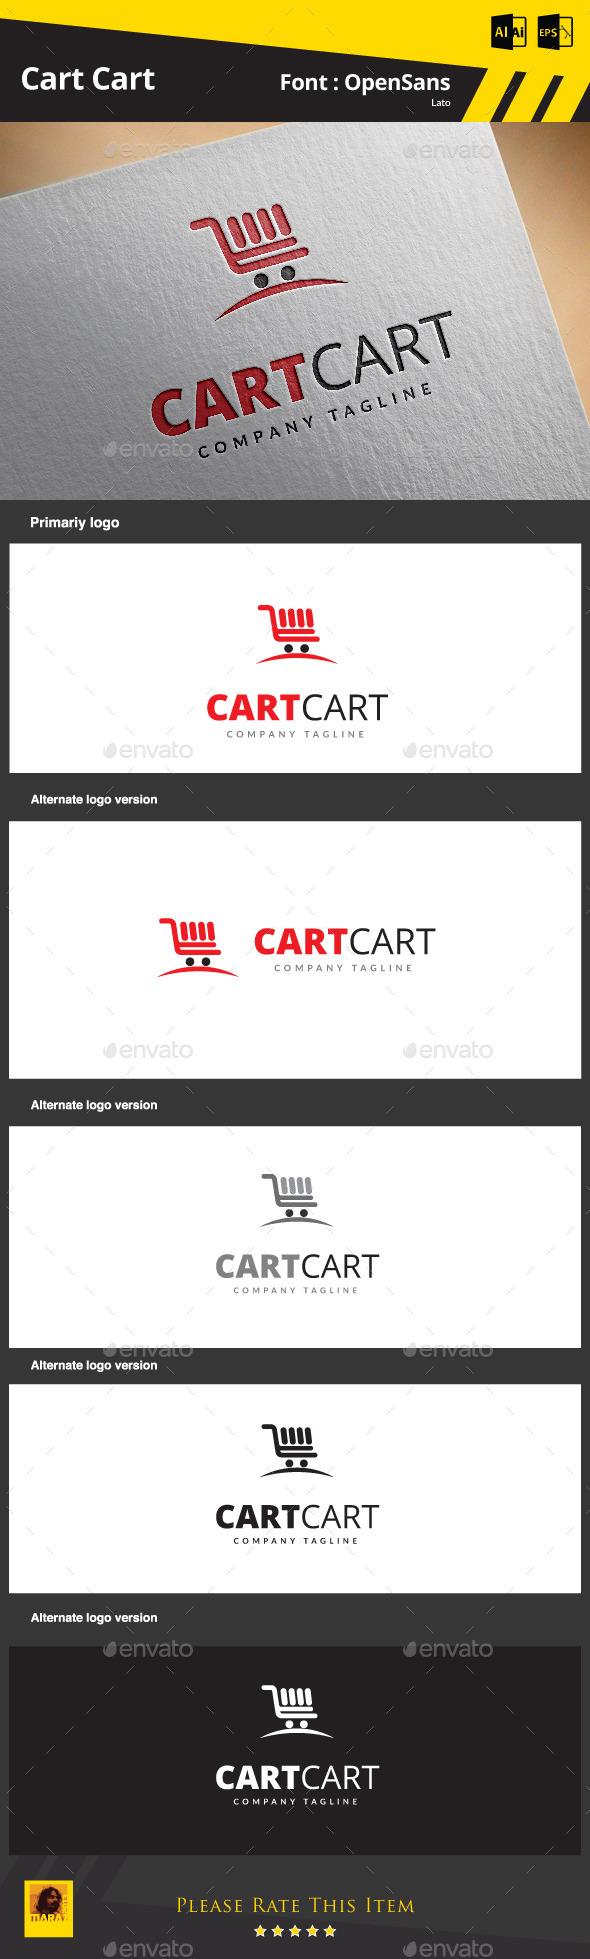 Cart Cart